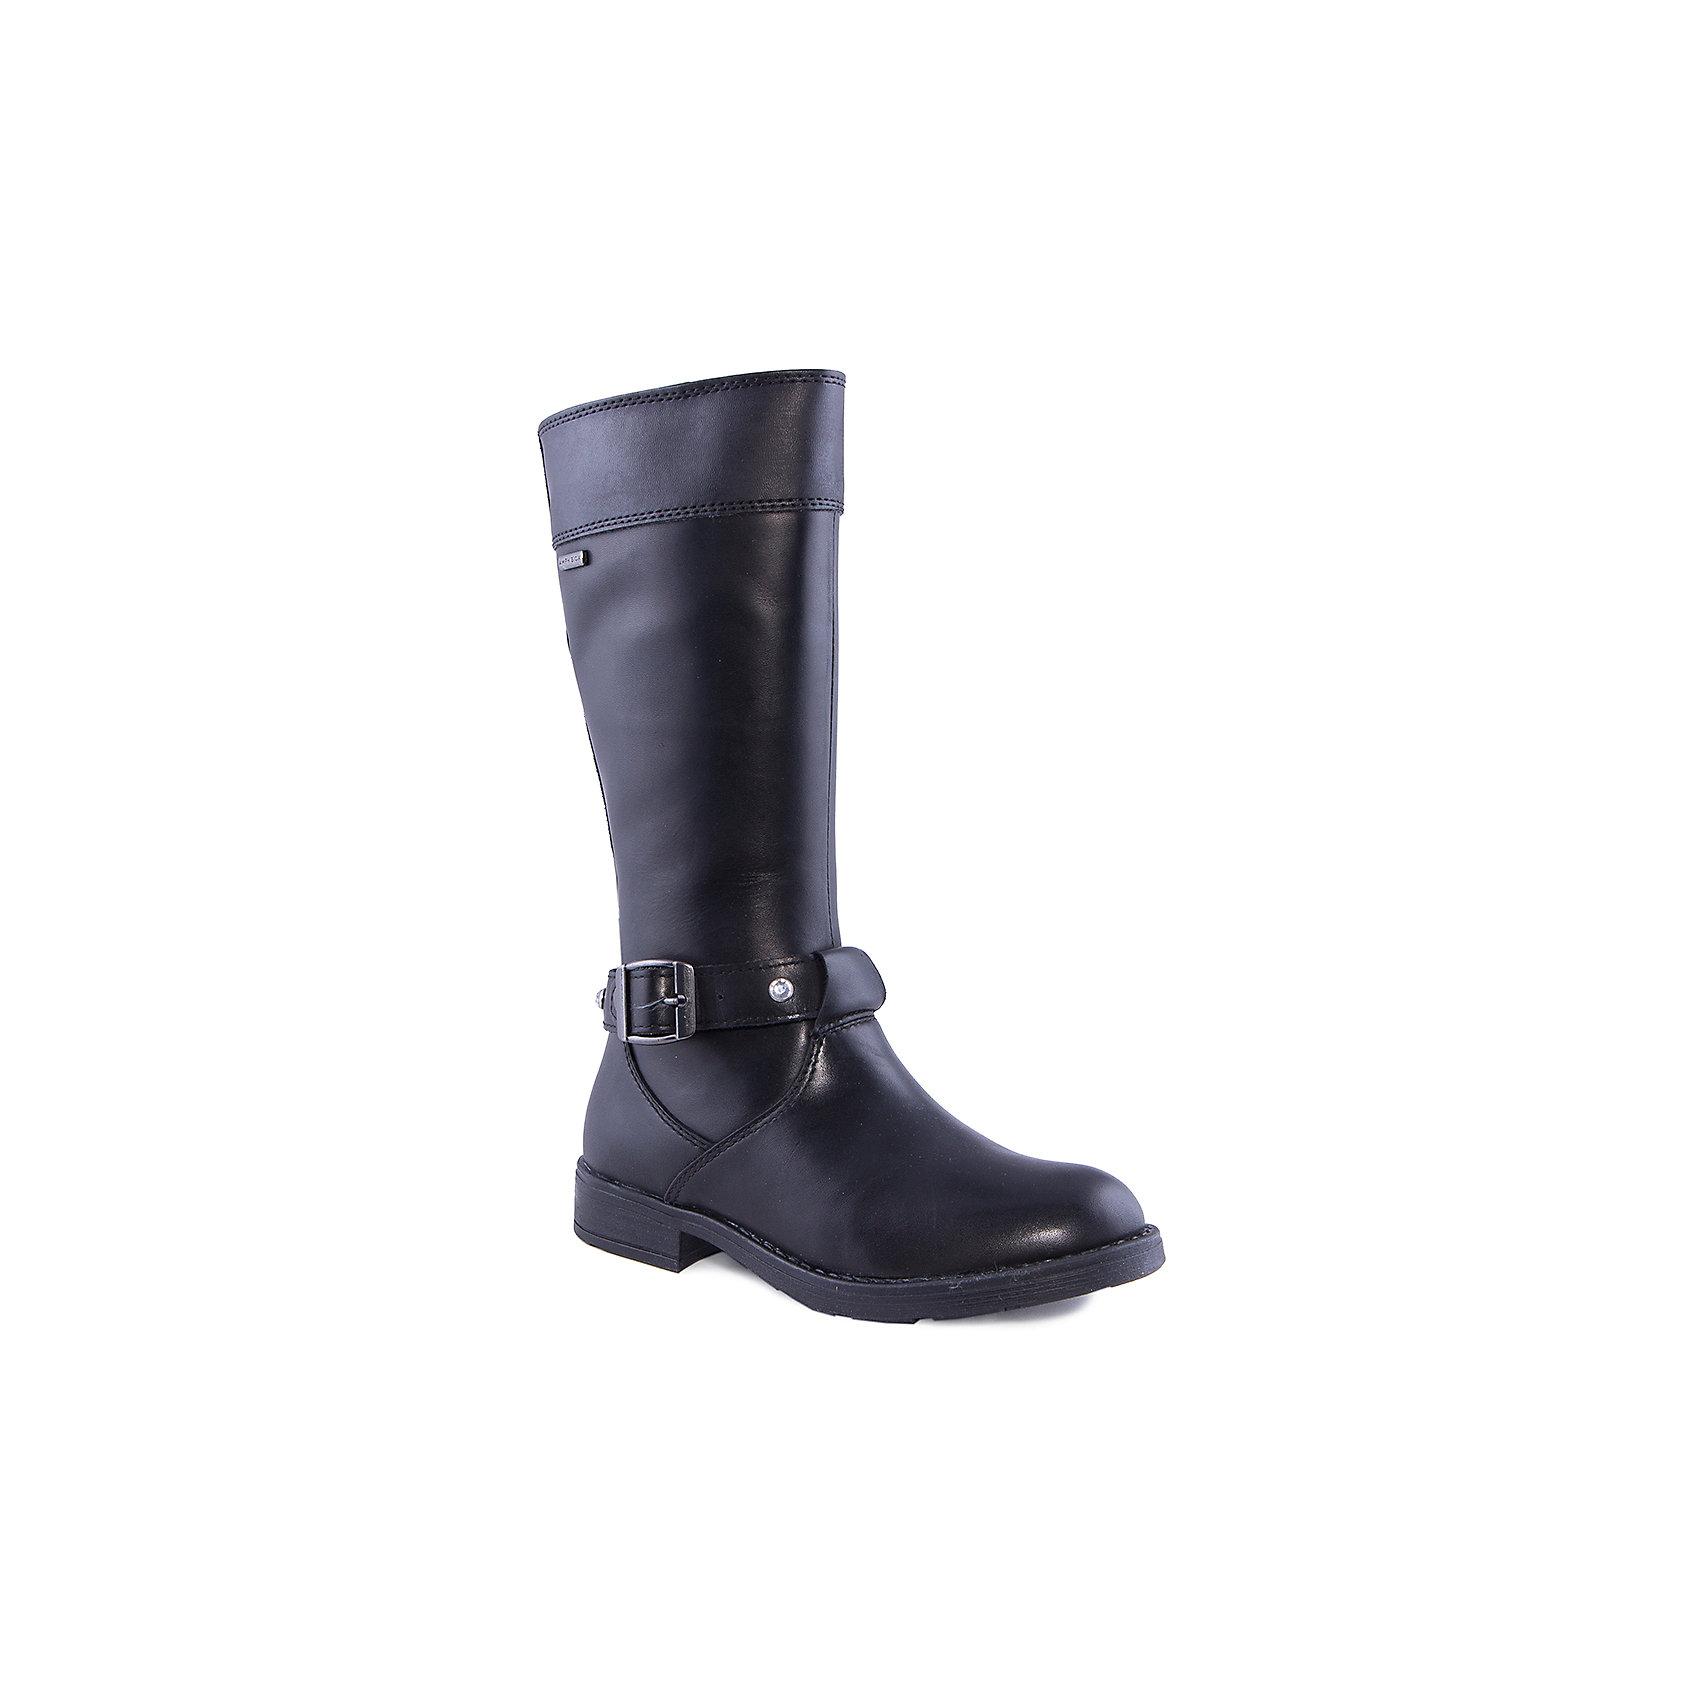 Сапоги для девочки GEOXСапоги<br>Сапоги для девочки от популярной марки GEOX.<br><br>Черные стильные сапоги - удобная обувь для межсезонья.<br>Производитель обуви GEOX разработал специальную дышащую подошву, которая не пропускает влагу внутрь, а также высокотехнологичную стельку.<br><br>Отличительные особенности модели:<br><br>- цвет: черный;<br>- застежка-молния сбоку;<br>- украшены пряжкой со стразами;<br>- небольшой каблук;<br>- высокое голенище;<br>- гибкая водоотталкивающая подошва с дышащей мембраной;<br>- мягкий и легкий верх;<br>- защита пятки и пальцев;<br>- эргономичная форма;<br>- удобная застежка-молния сбоку;<br>- комфортное облегание;<br>- ударопрочная антибактериальная стелька;<br>- верх обуви и подкладка сделаны без использования хрома.<br><br>Дополнительная информация:<br><br>- Температурный режим: от 0° С  до 15° С.<br><br>- Состав:<br><br>материал верха: синтетика / кожа<br>материал подкладки: текстиль / кожа<br>подошва: полимер<br><br>Сапоги для девочки GEOX (Геокс) можно купить в нашем магазине.<br><br>Ширина мм: 257<br>Глубина мм: 180<br>Высота мм: 130<br>Вес г: 420<br>Цвет: черный<br>Возраст от месяцев: 156<br>Возраст до месяцев: 168<br>Пол: Женский<br>Возраст: Детский<br>Размер: 37,31,33,34,32,38,39,36,35<br>SKU: 4178844